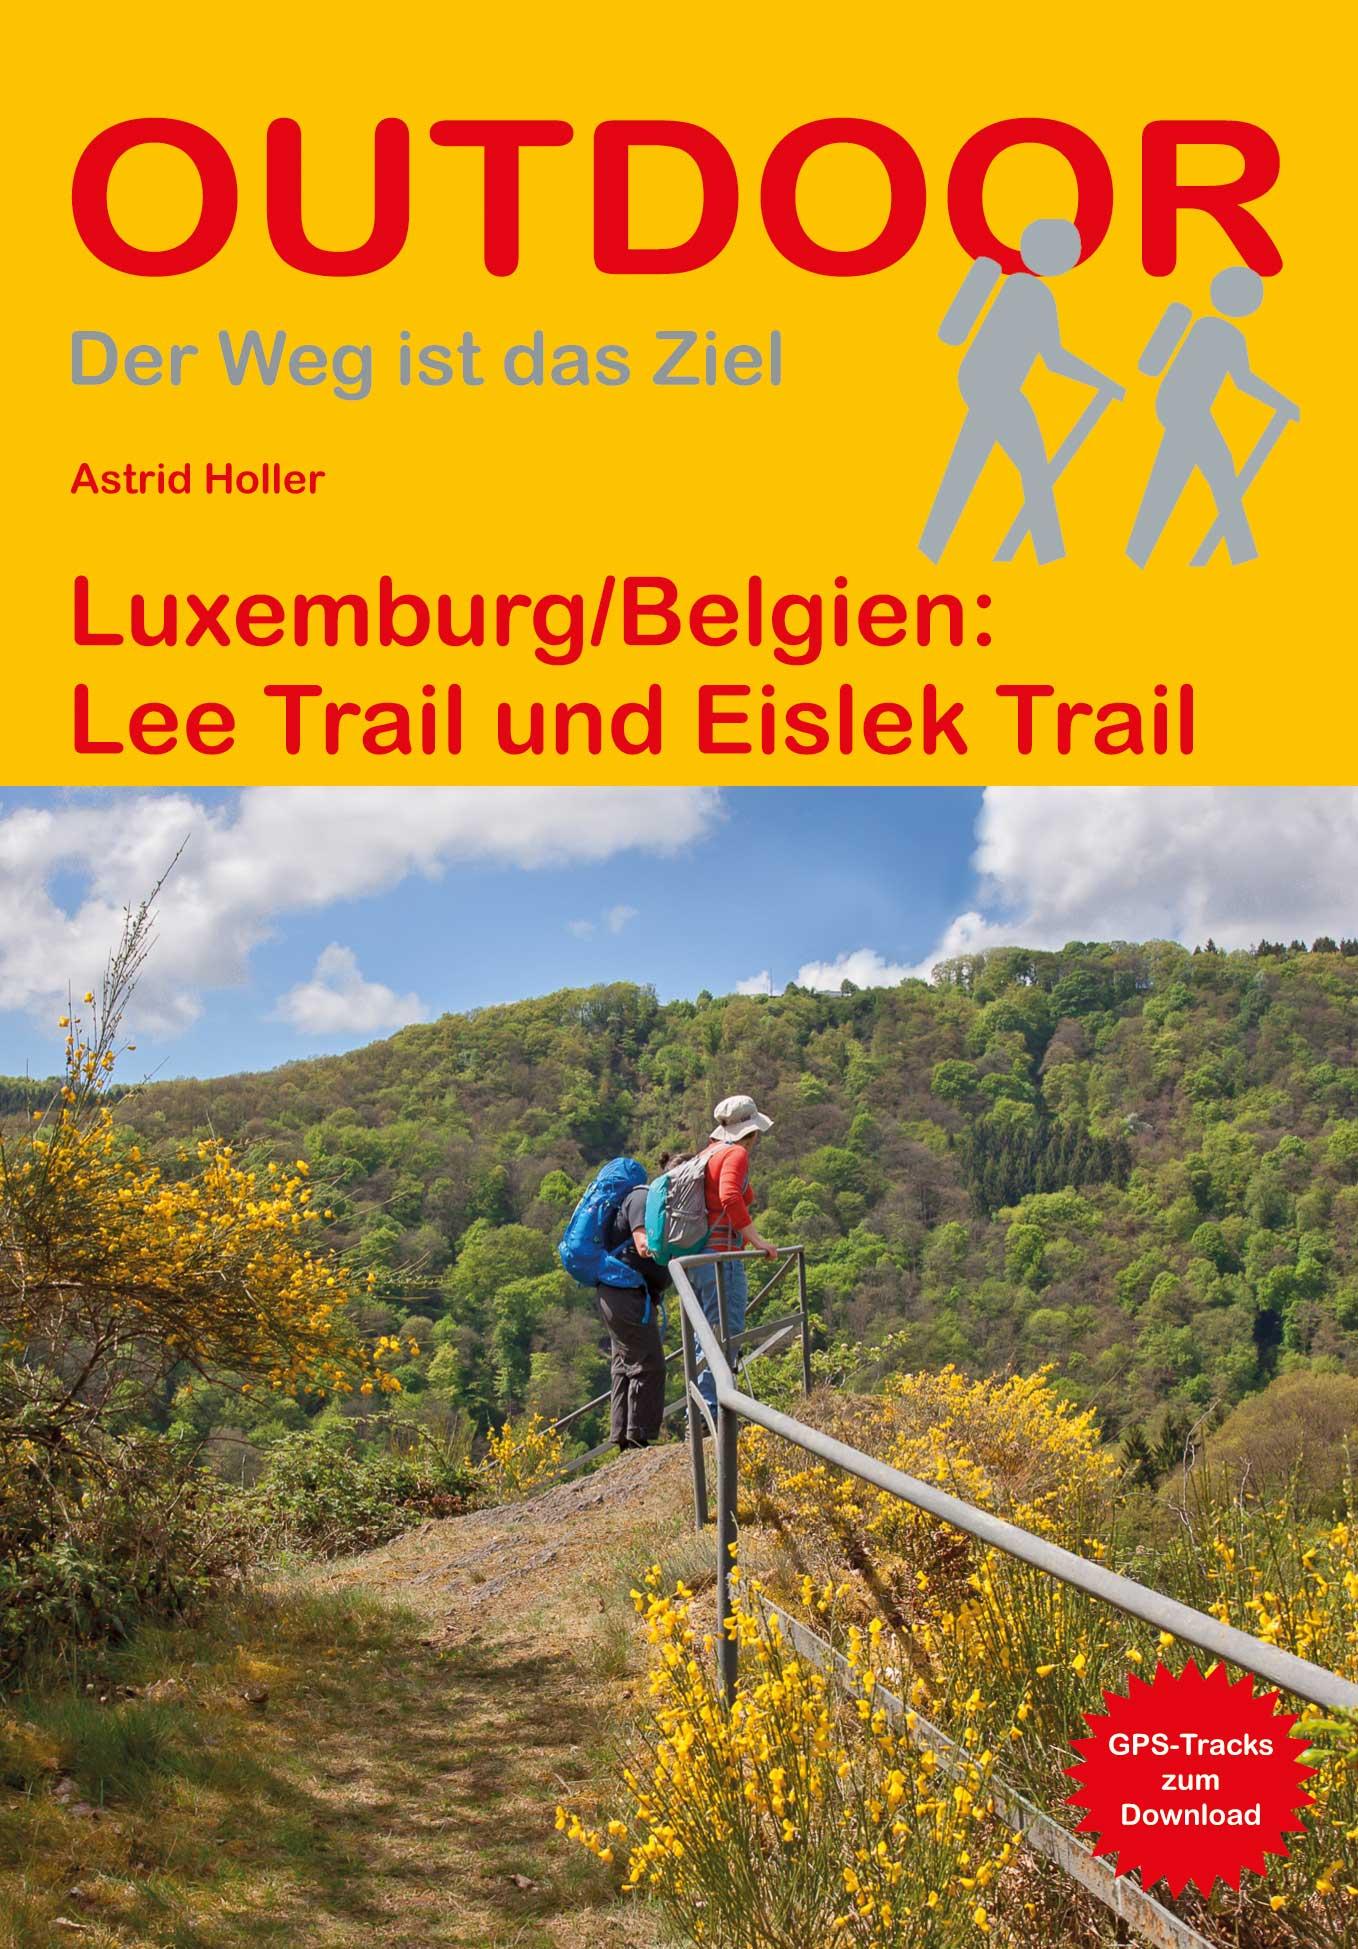 Luxemburg/Belgien: Lee Trail und Eislek Trail